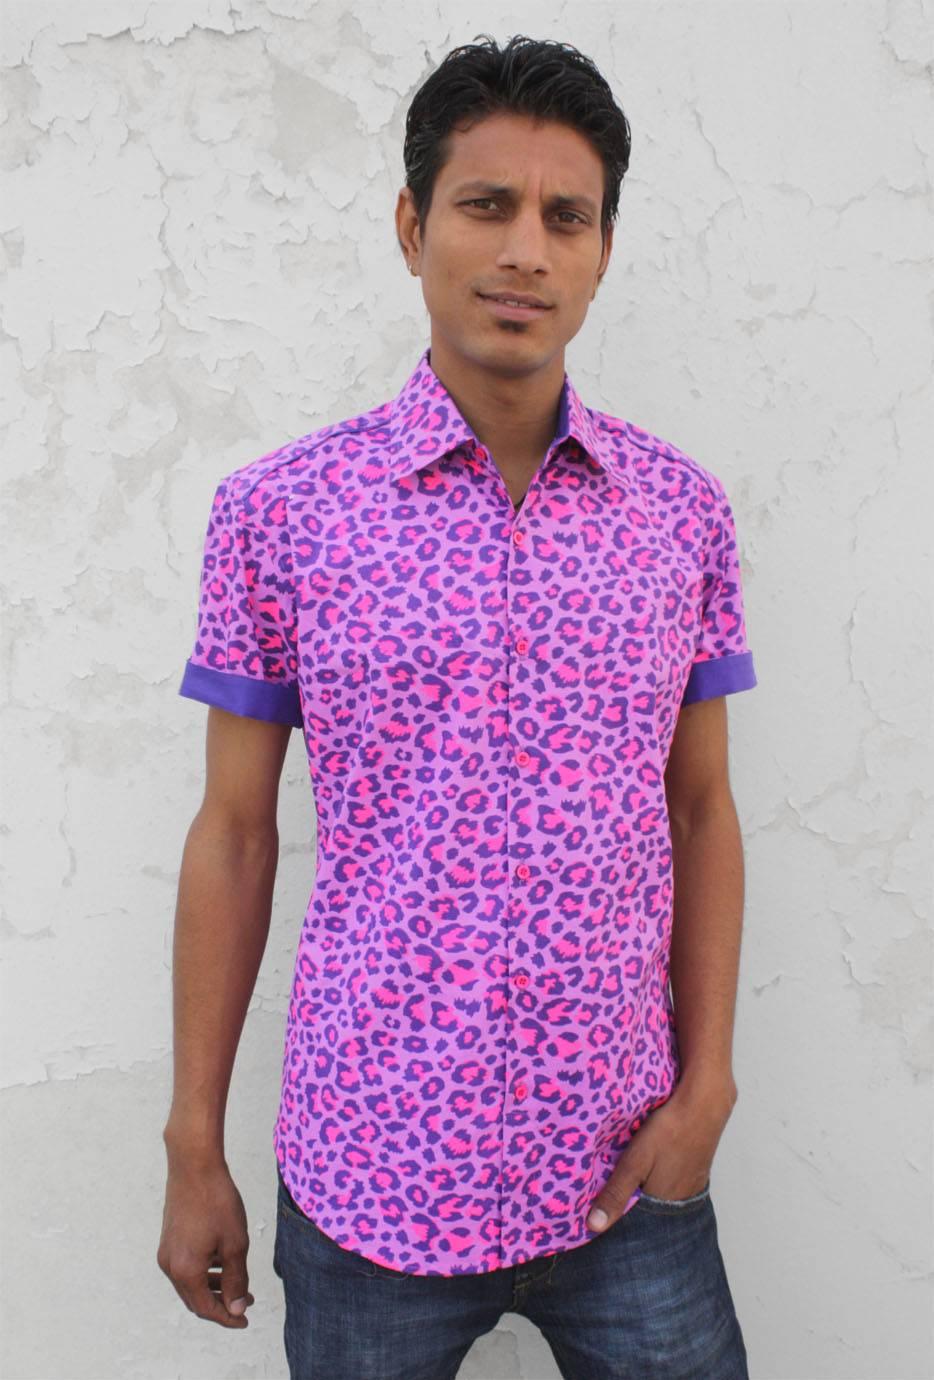 Leopard Shirt For Men Short Sleeve Pink Leopard Basap